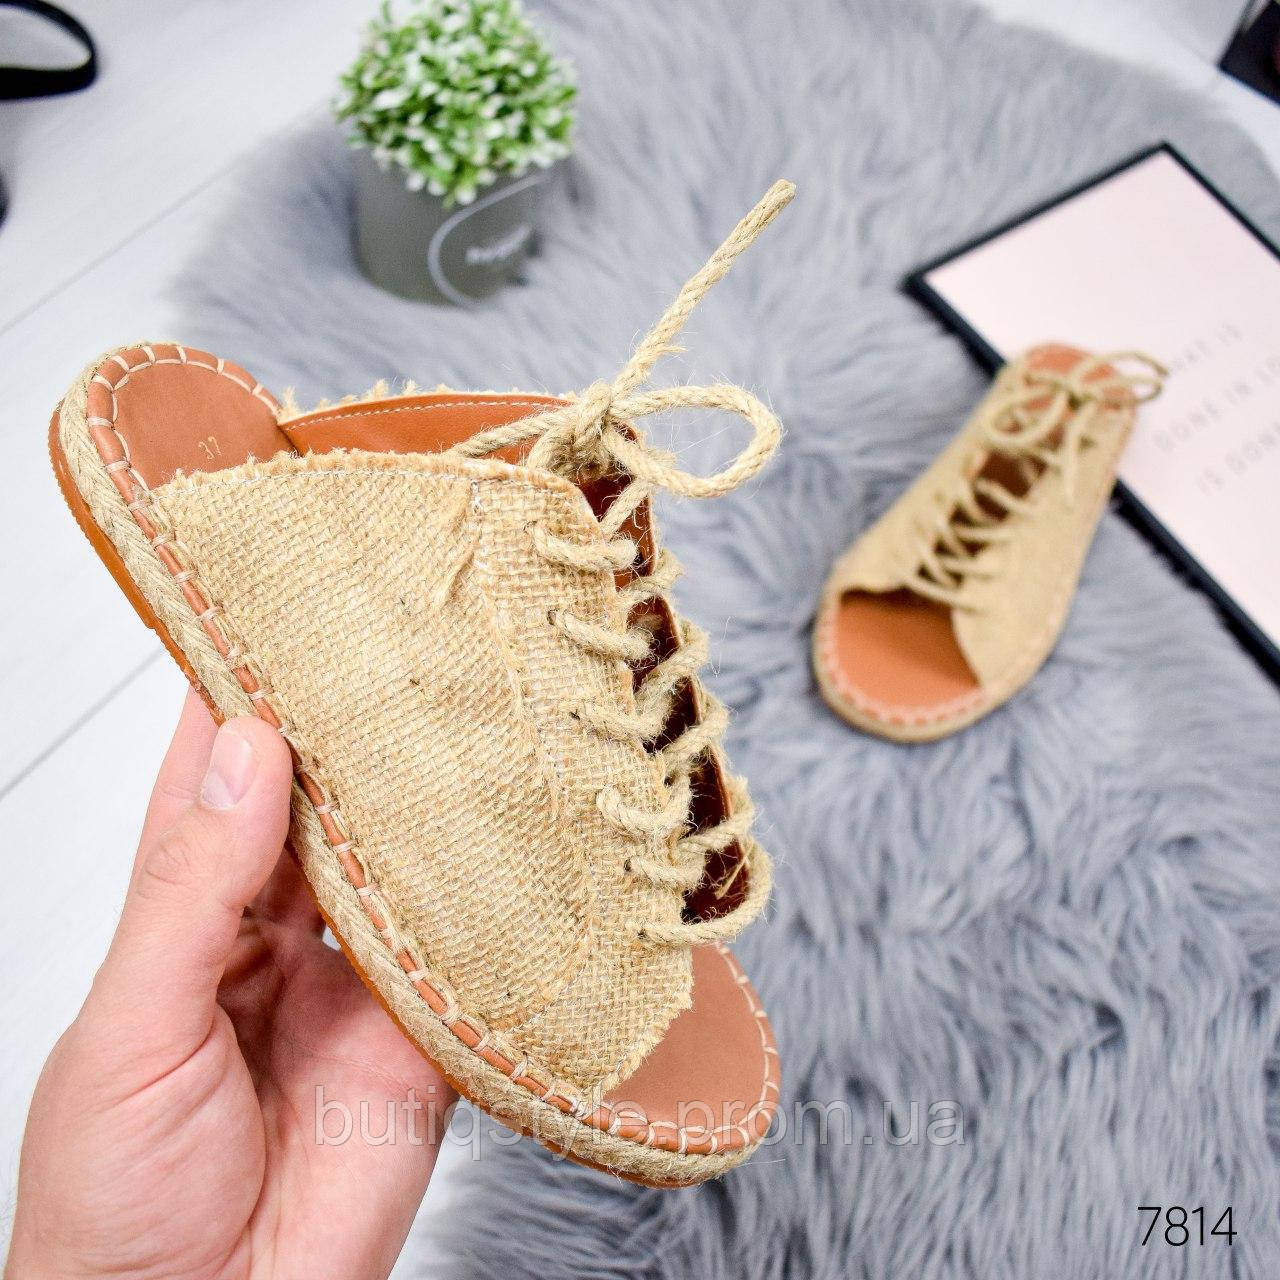 36, 37, 38 размер Женские бежевые шлепки на шнуровке обувной текстиль на плетеной подошве